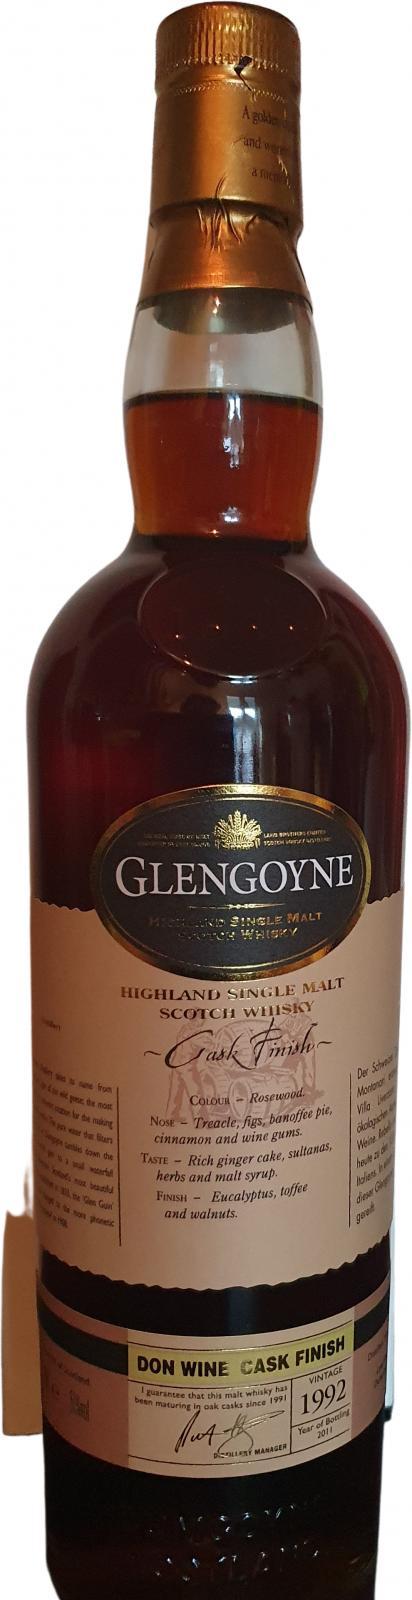 Glengoyne 1991